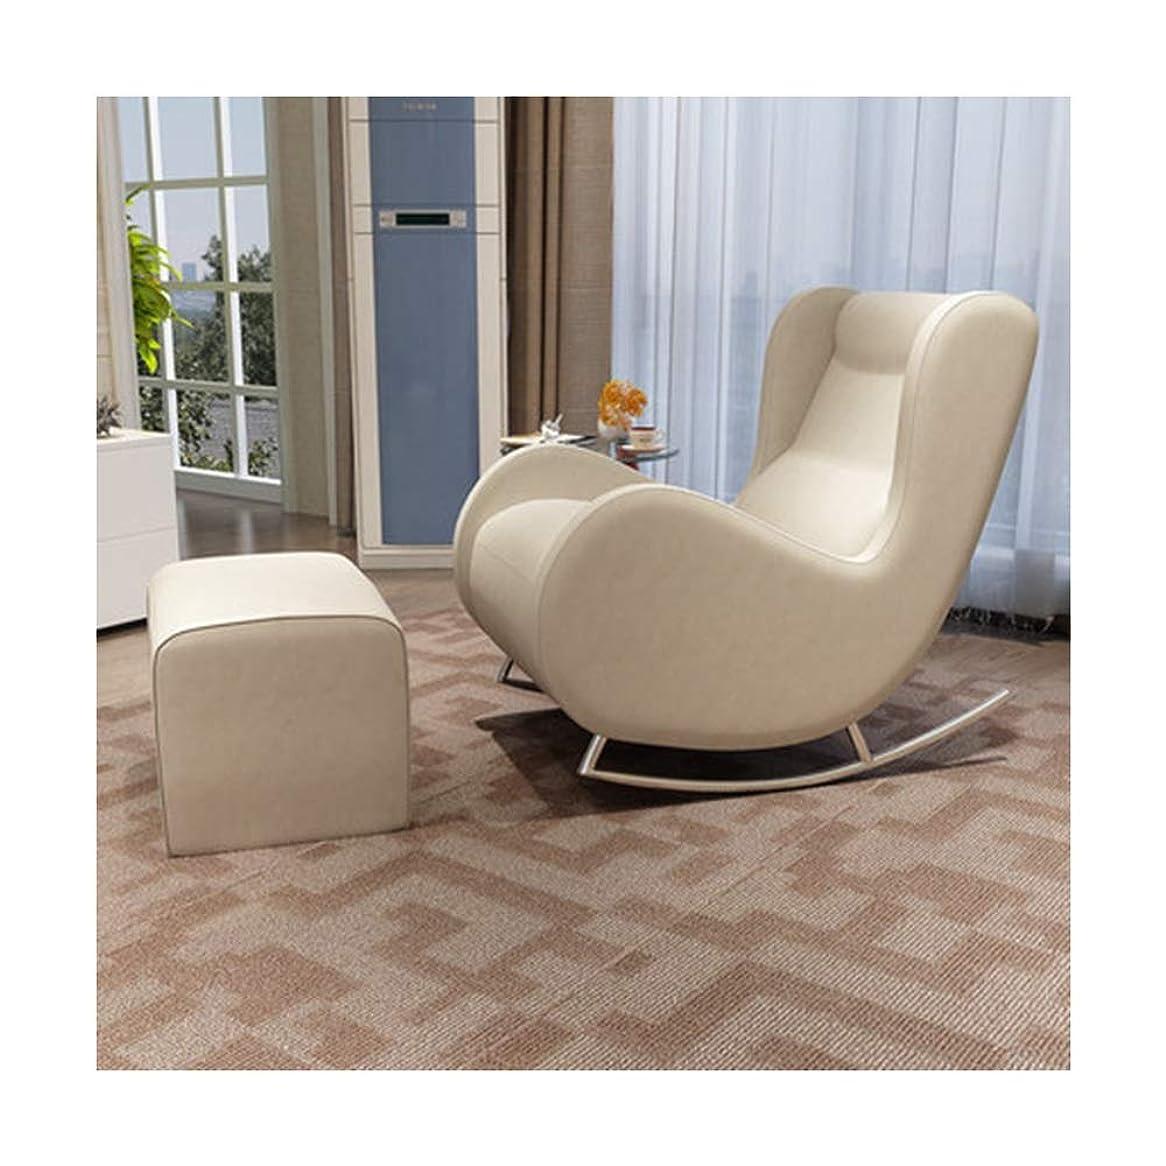 空洞誇り作物LWT チェア 現代的なミニマリストの怠惰なソファの椅子のラウンジチェアバルコニーの昼食 (Color : Beige)